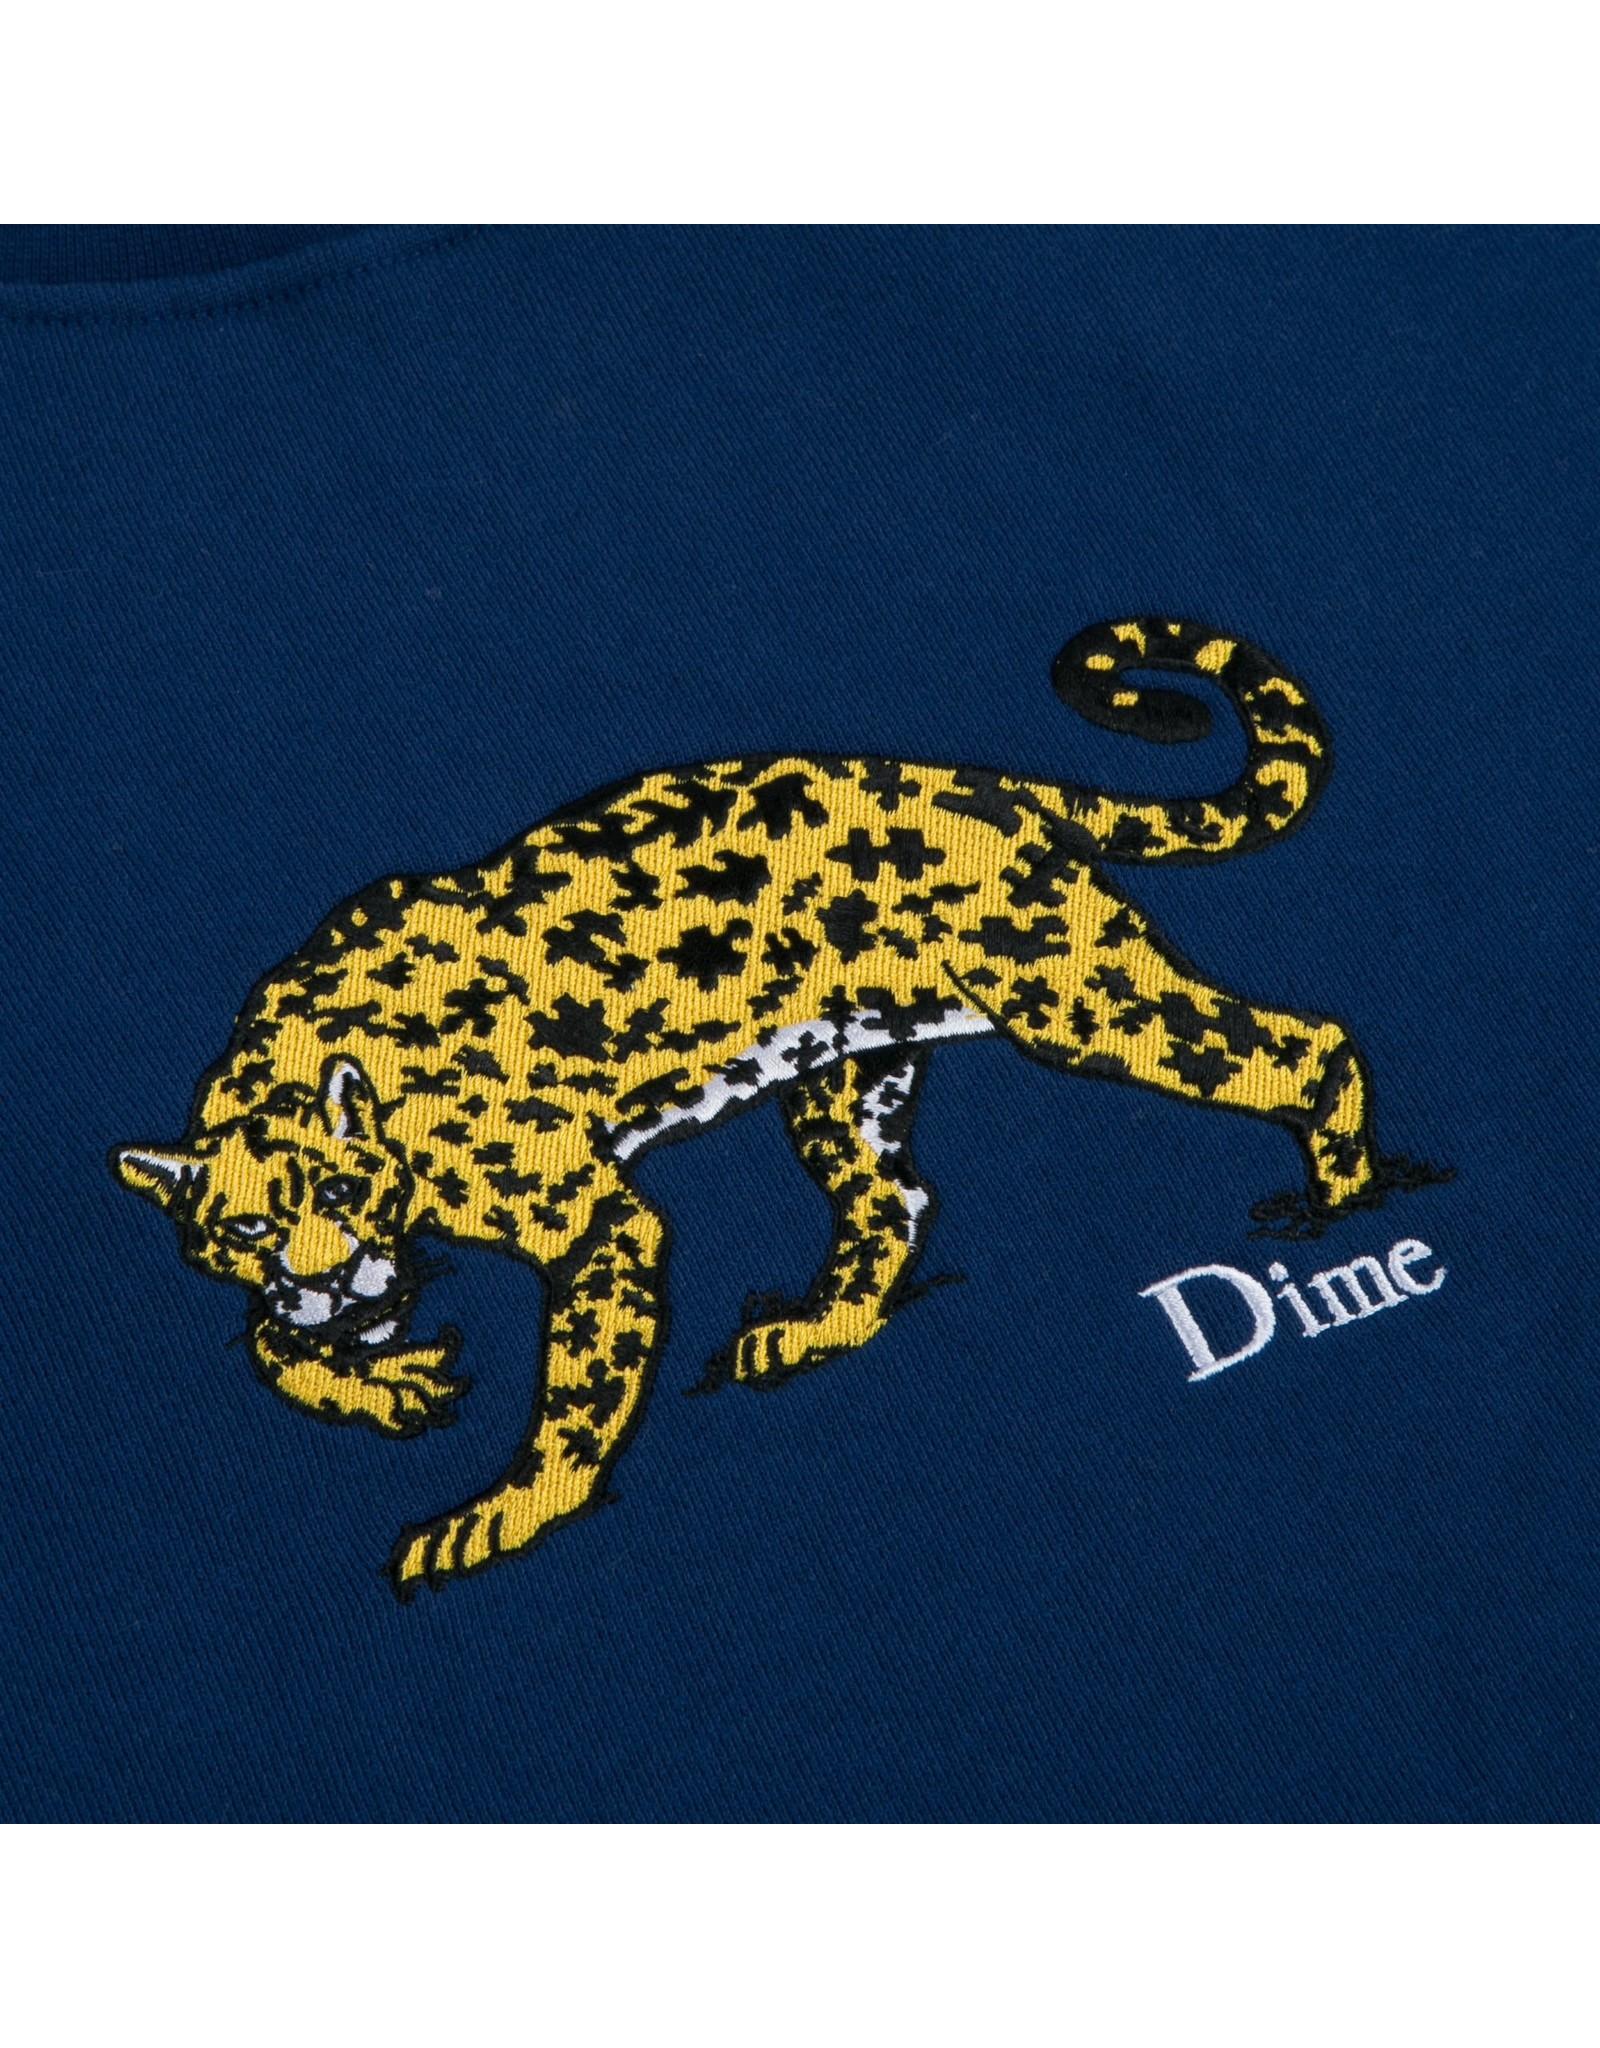 Dime Puzzle Cat Crewneck - Navy